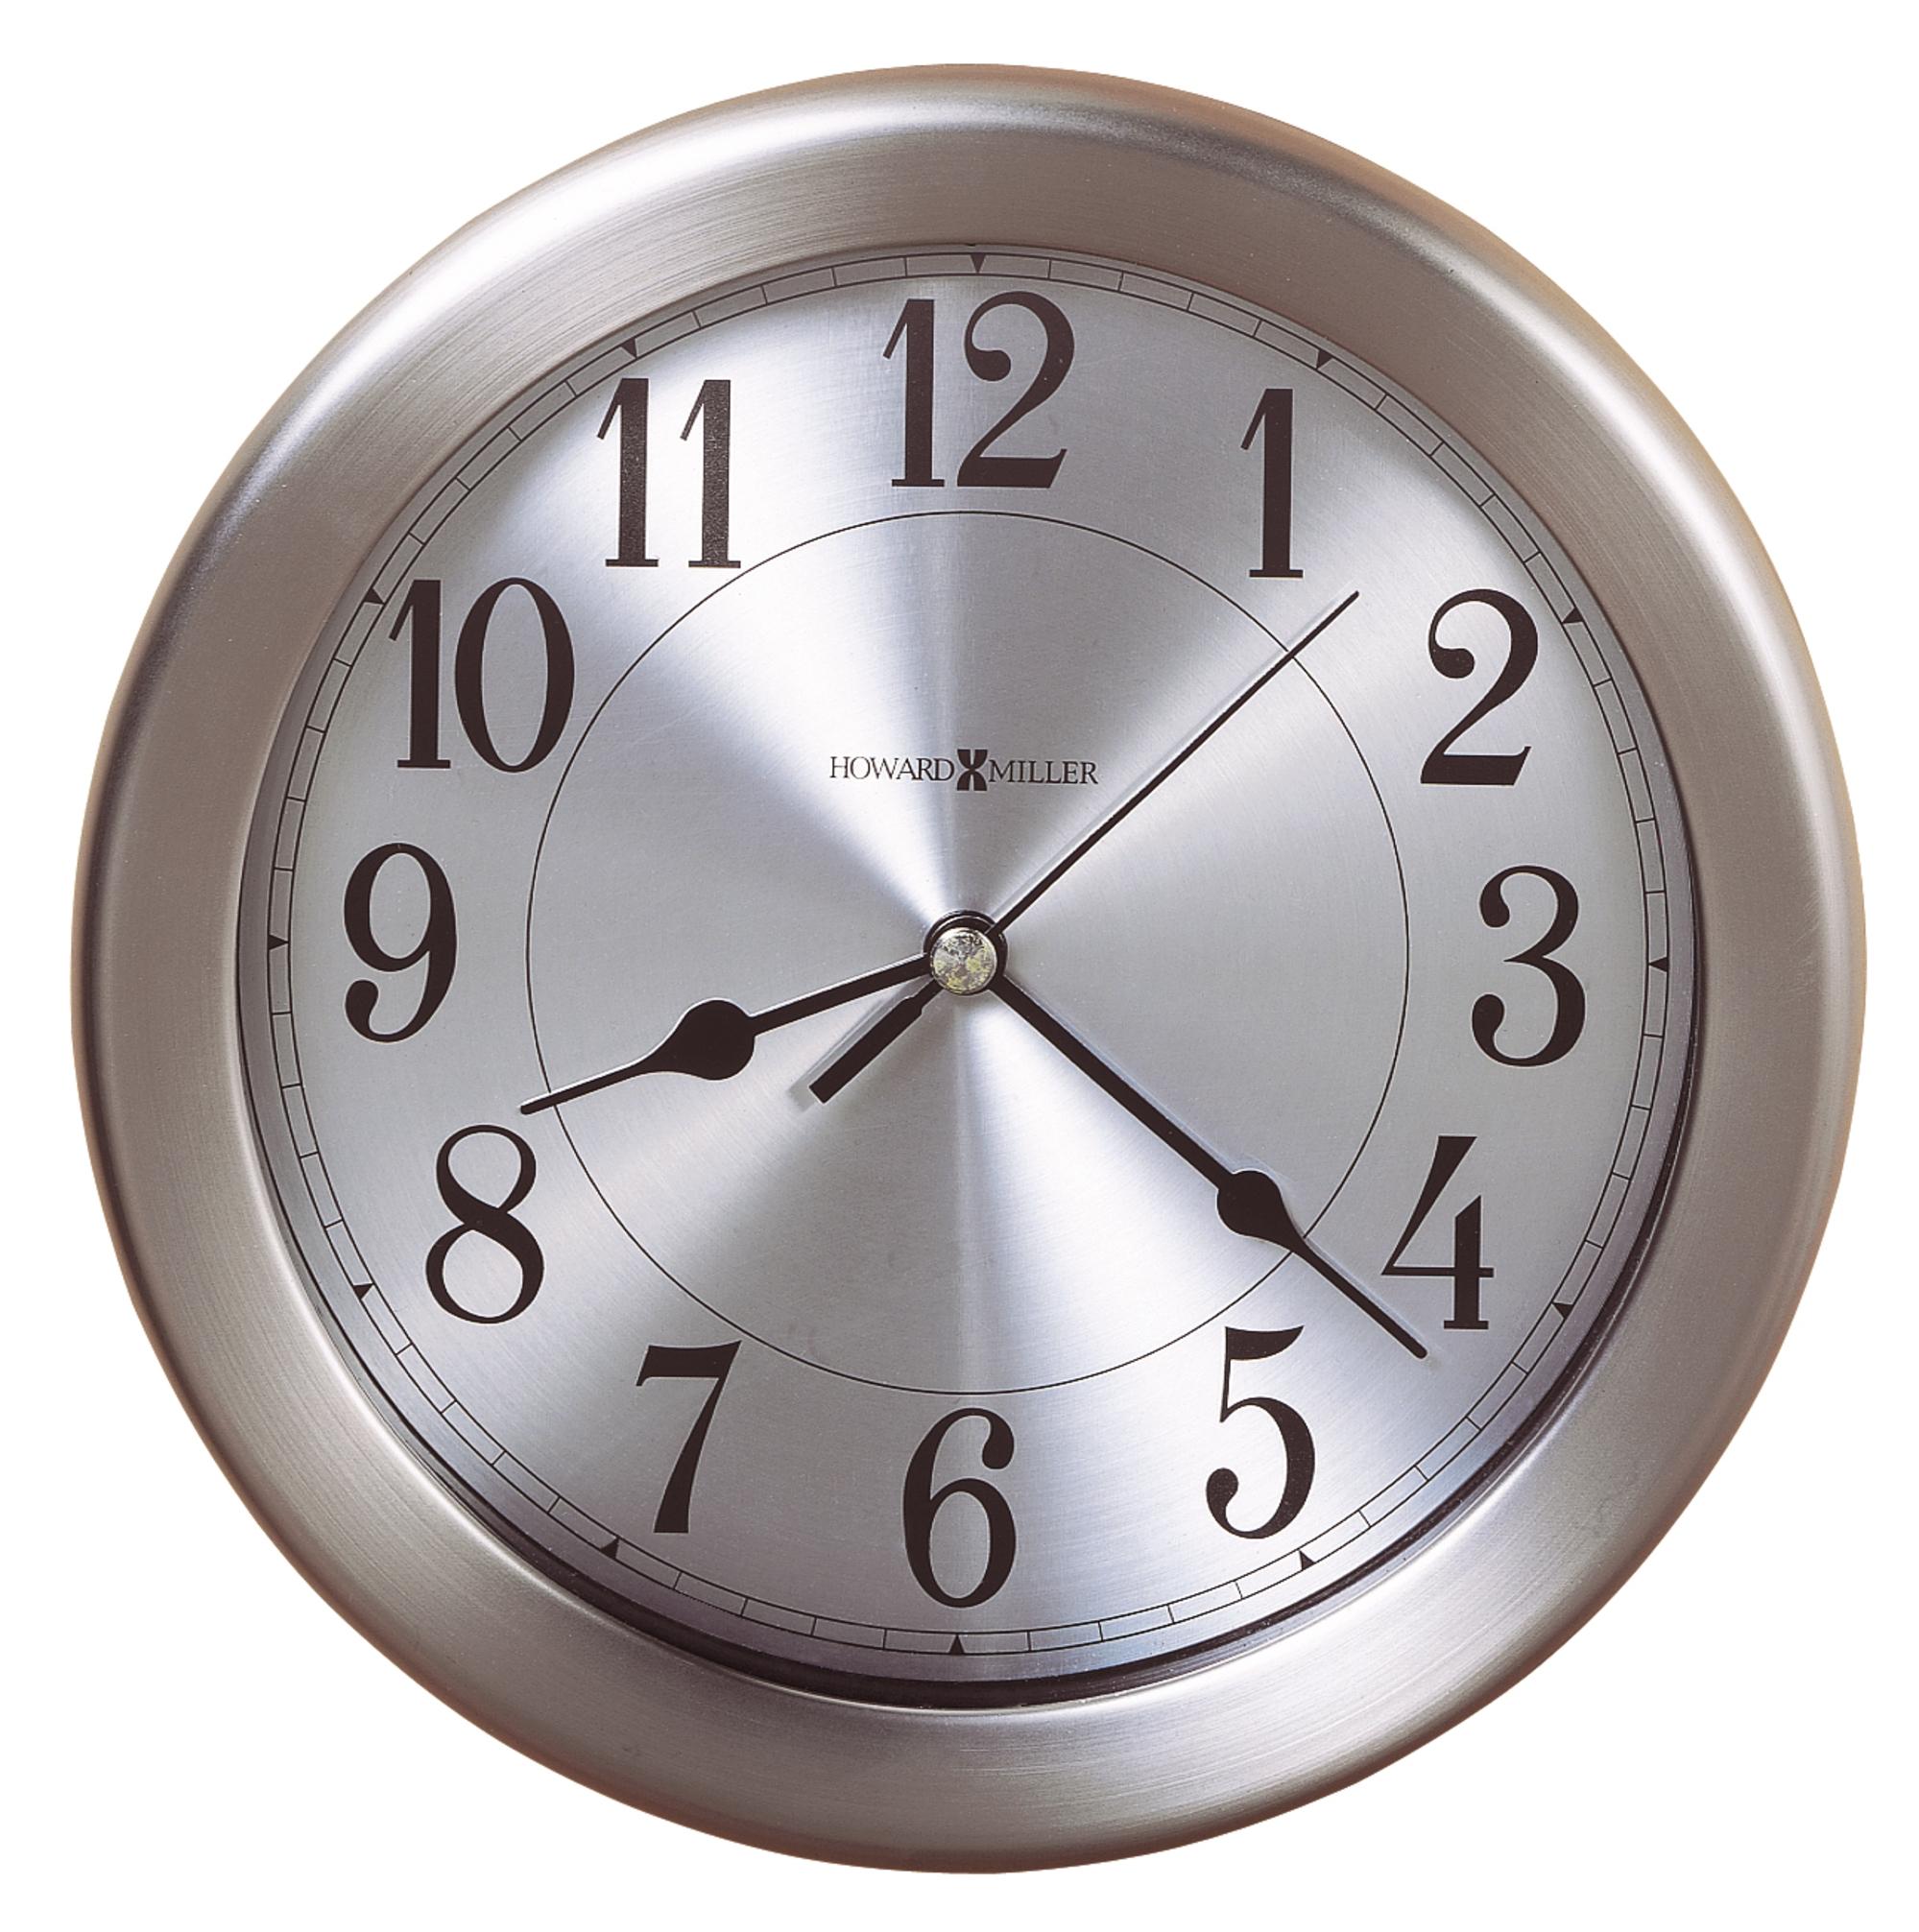 Howard Miller Pisces Wall Clock At 1 800 4clocks Com